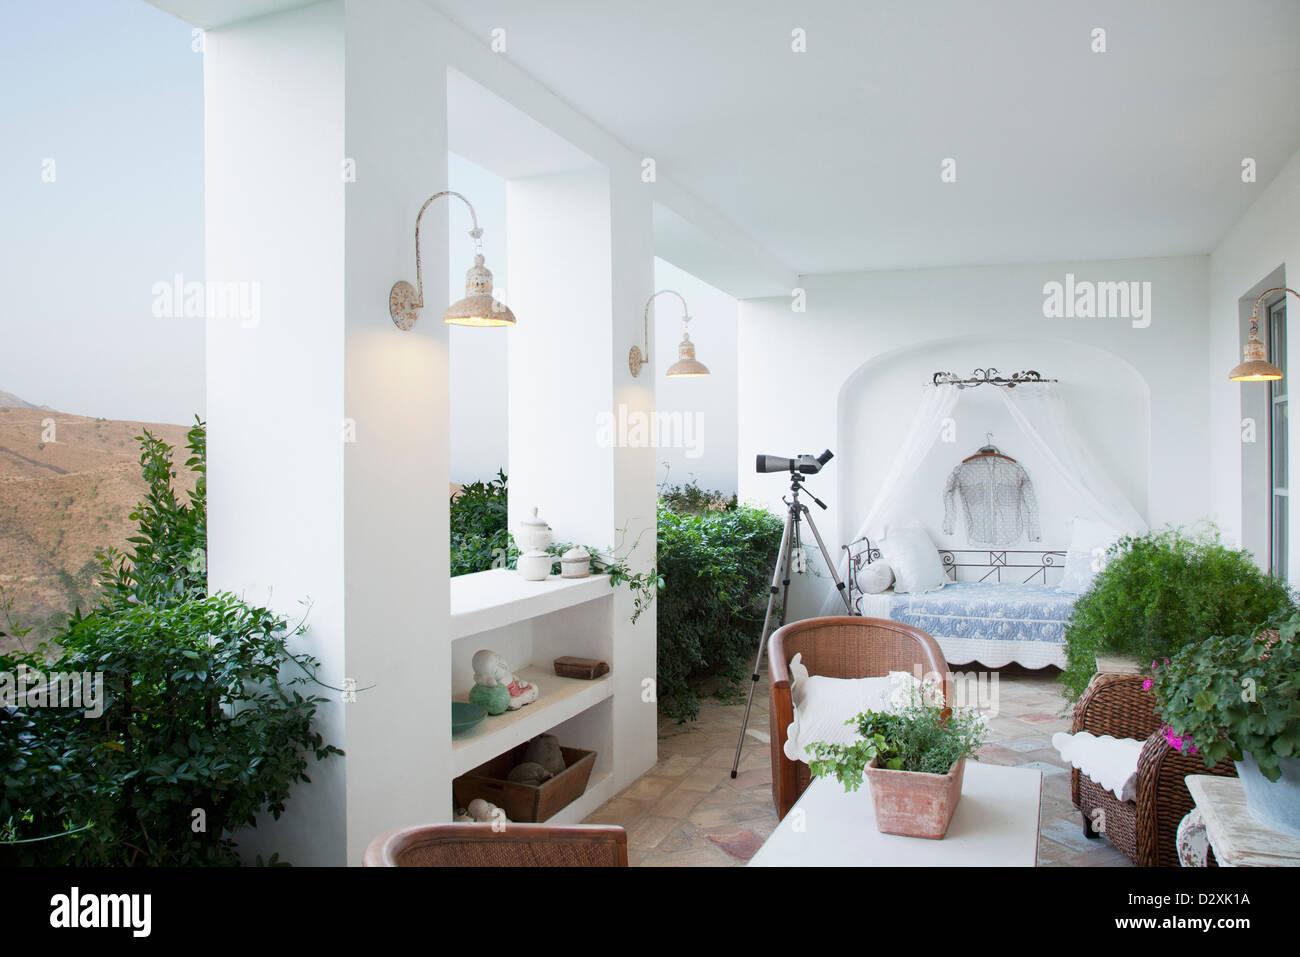 Luxury balcony - Stock Image